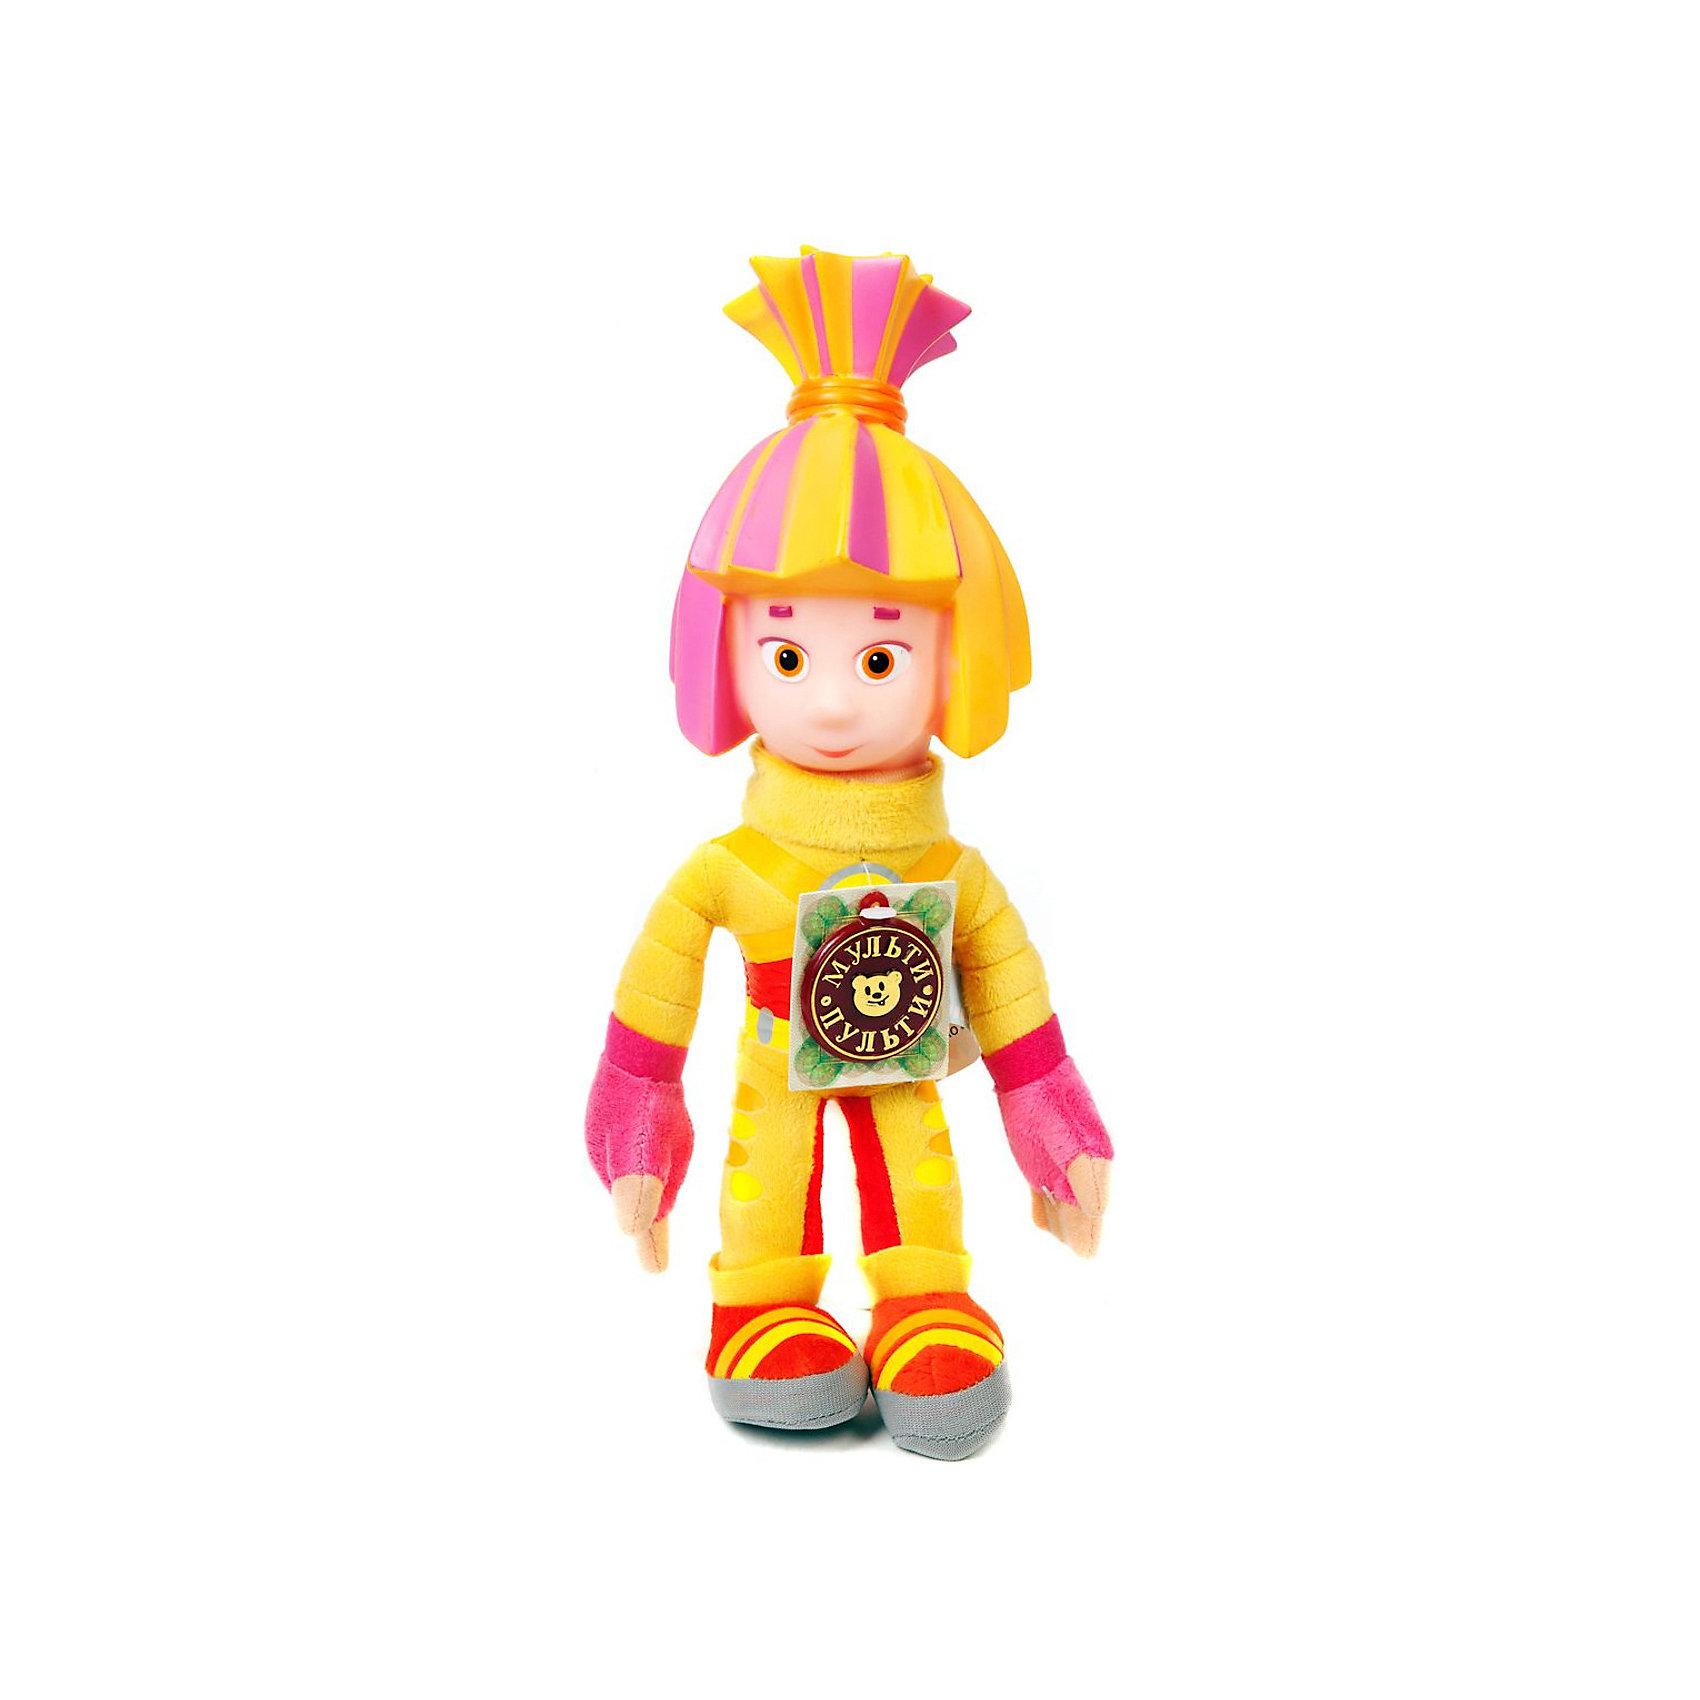 Мягкая игрушка  Симка, со светом,  28 см,  Фиксики, МУЛЬТИ-ПУЛЬТИМягкая игрушка Симка станет отличным подарком всем поклонникам мультфильма Фиксики.<br>Каждый маленький поклонник Симки, может подружиться с ней легко и просто, ведь даже будучи игрушкой, она так же фантастична и очаровательна, как и в мультфильме! <br>Но она гораздо круче мультяшной! Ее можно обнимать, и даже очень приятно, поскольку Симка мягкая, с ней можно играть и придумывать свои истории, наделять другими чертами характера и возможностями, в общем, фантазировать как угодно. А она в свою очередь, будет говорить и петь. Для того, чтобы разговорить Симку, нужно просто нажать на нее. <br><br>Дополнительная информация:<br><br>- Игрушка произносит 11 фраз и поет песенку.<br>- Высота игрушки 28 см.<br>- Работа от батареек<br>- Материал: искусственный мех, пластик, полиэстр<br><br>Симка станет лучшим другом ребенка, воспитывая в нем доброту, заботу, дружбу и верность.<br><br>Мягкую игрушку Симка со светом 28 см можно купить в нашем магазине.<br><br>Ширина мм: 168<br>Глубина мм: 168<br>Высота мм: 280<br>Вес г: 63<br>Возраст от месяцев: 18<br>Возраст до месяцев: 144<br>Пол: Унисекс<br>Возраст: Детский<br>SKU: 3143928